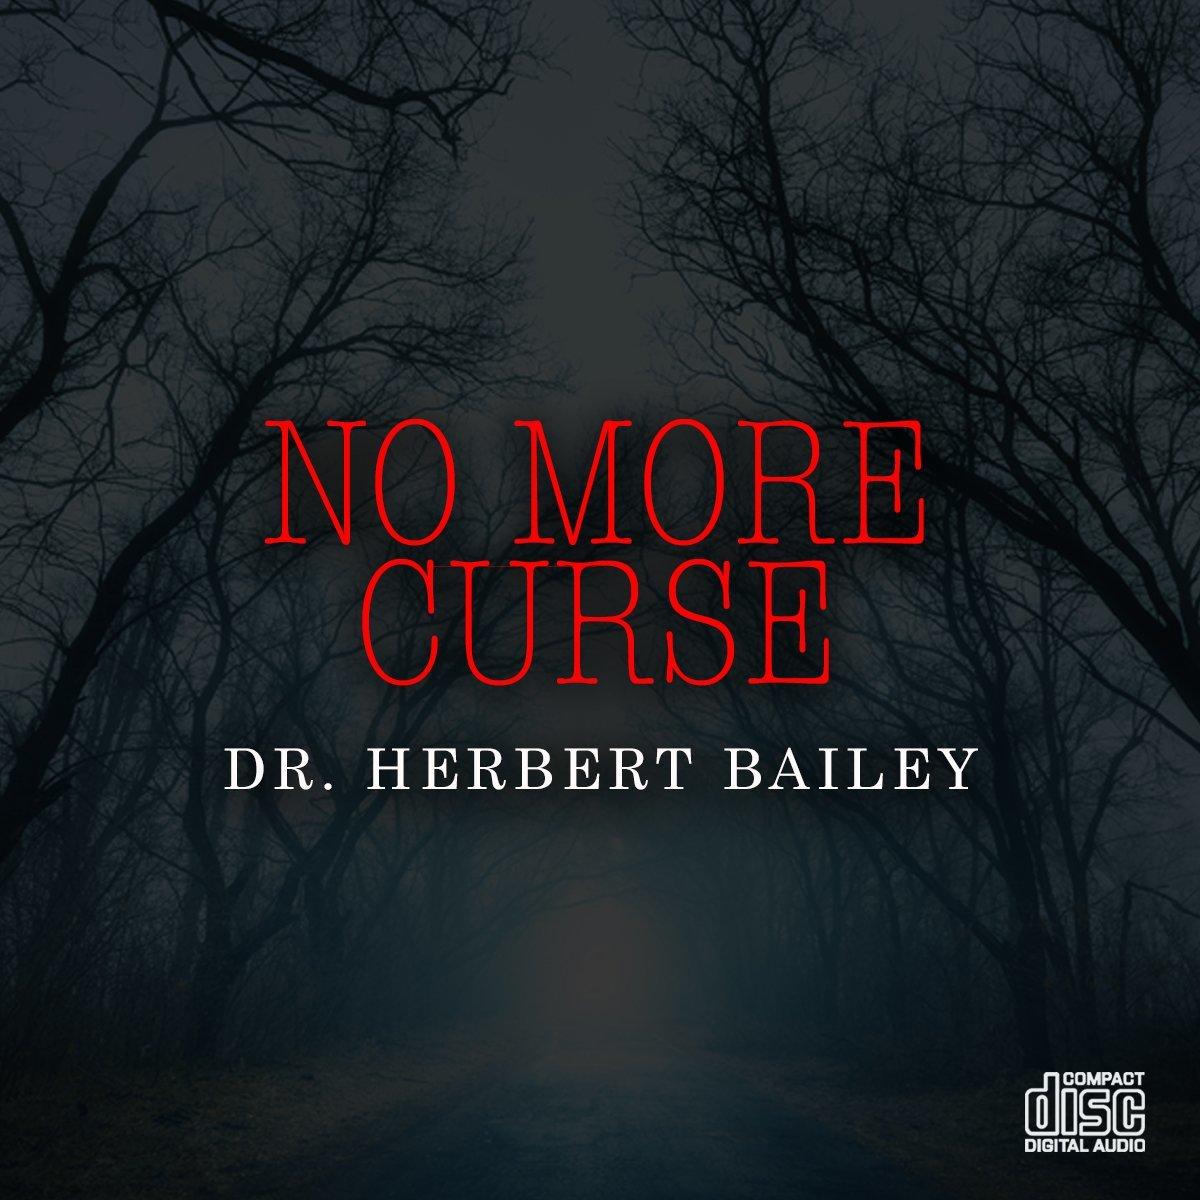 No More Curse